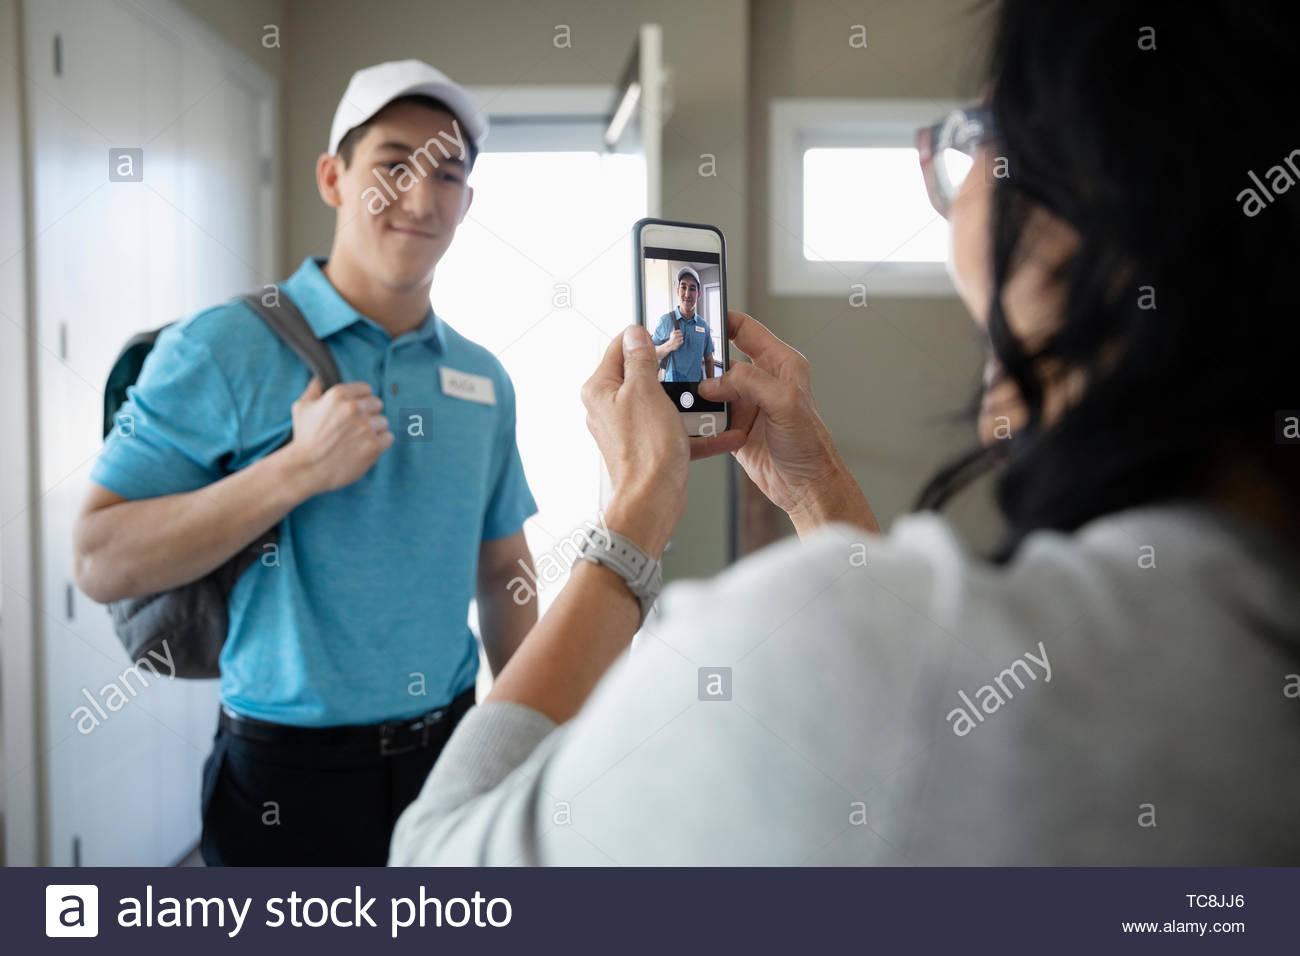 Mamma orgogliosa con la fotocamera del telefono a fotografare il nostro figlio adolescente in uniforme di lavoro Immagini Stock